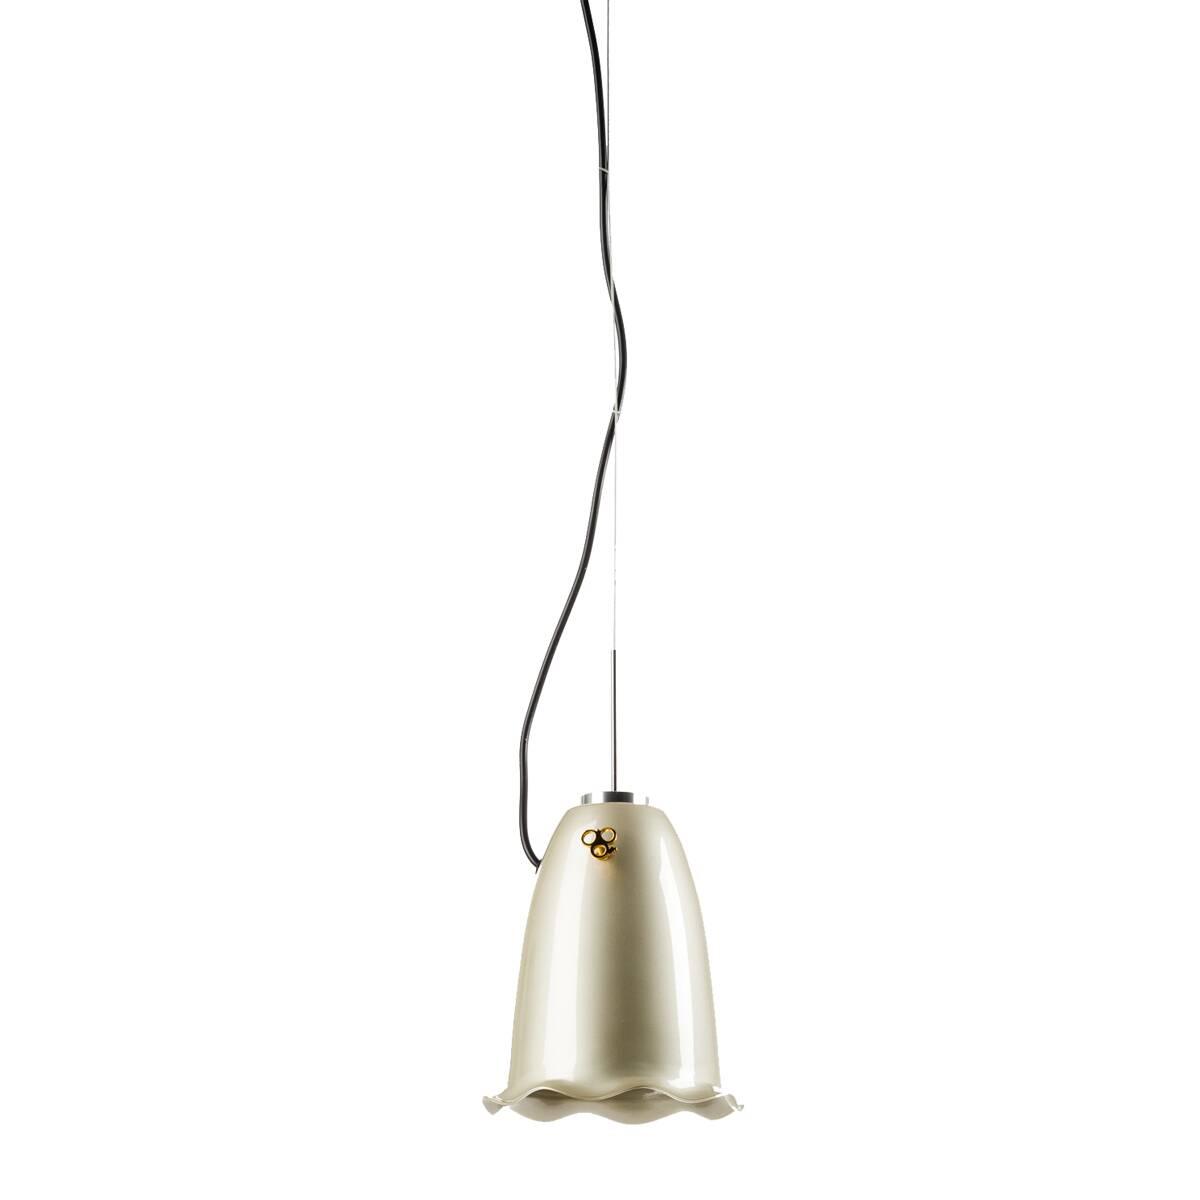 Подвесной светильник Blossom диаметр 16